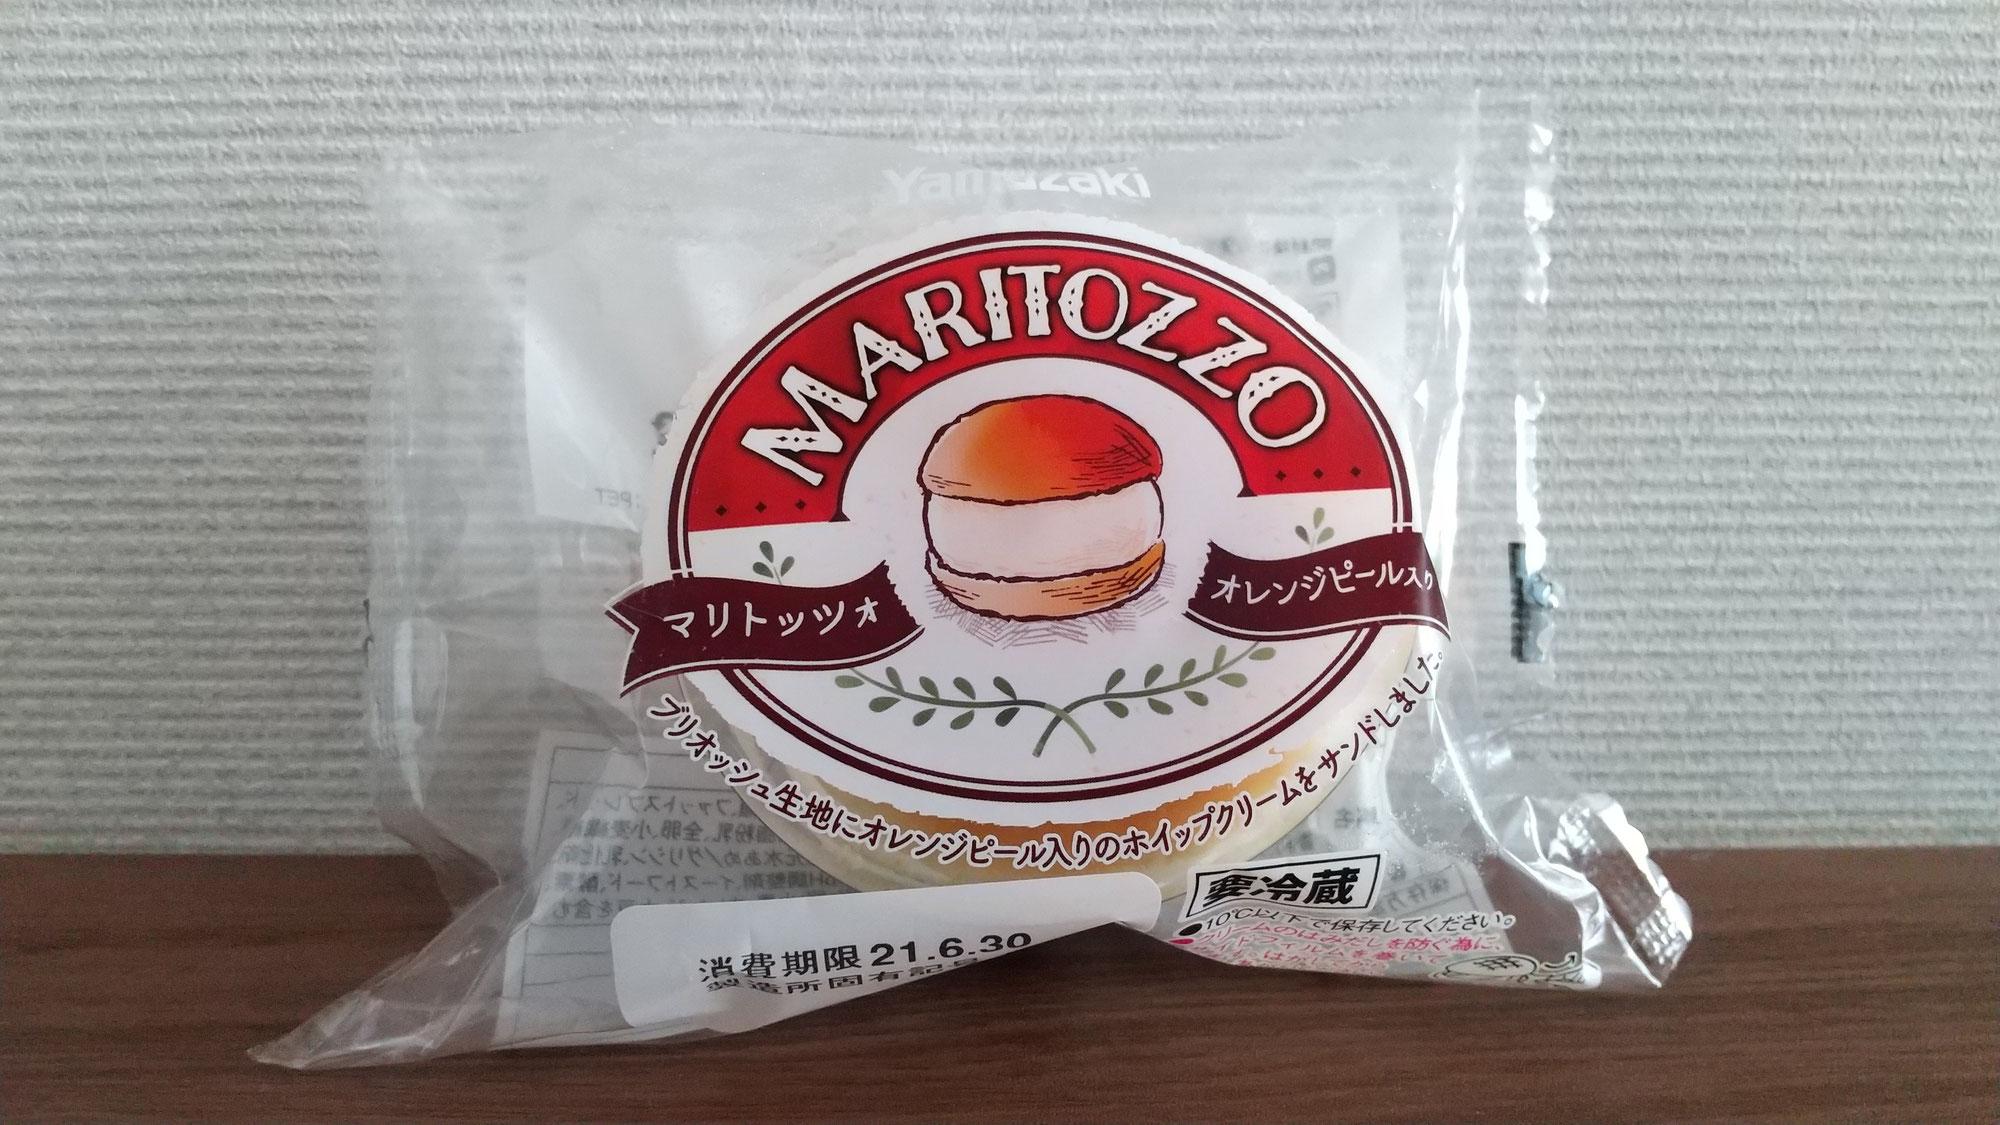 山崎製パン株式会社さんの「MARITOZZO(マリトッツォ オレンジピール入り)」